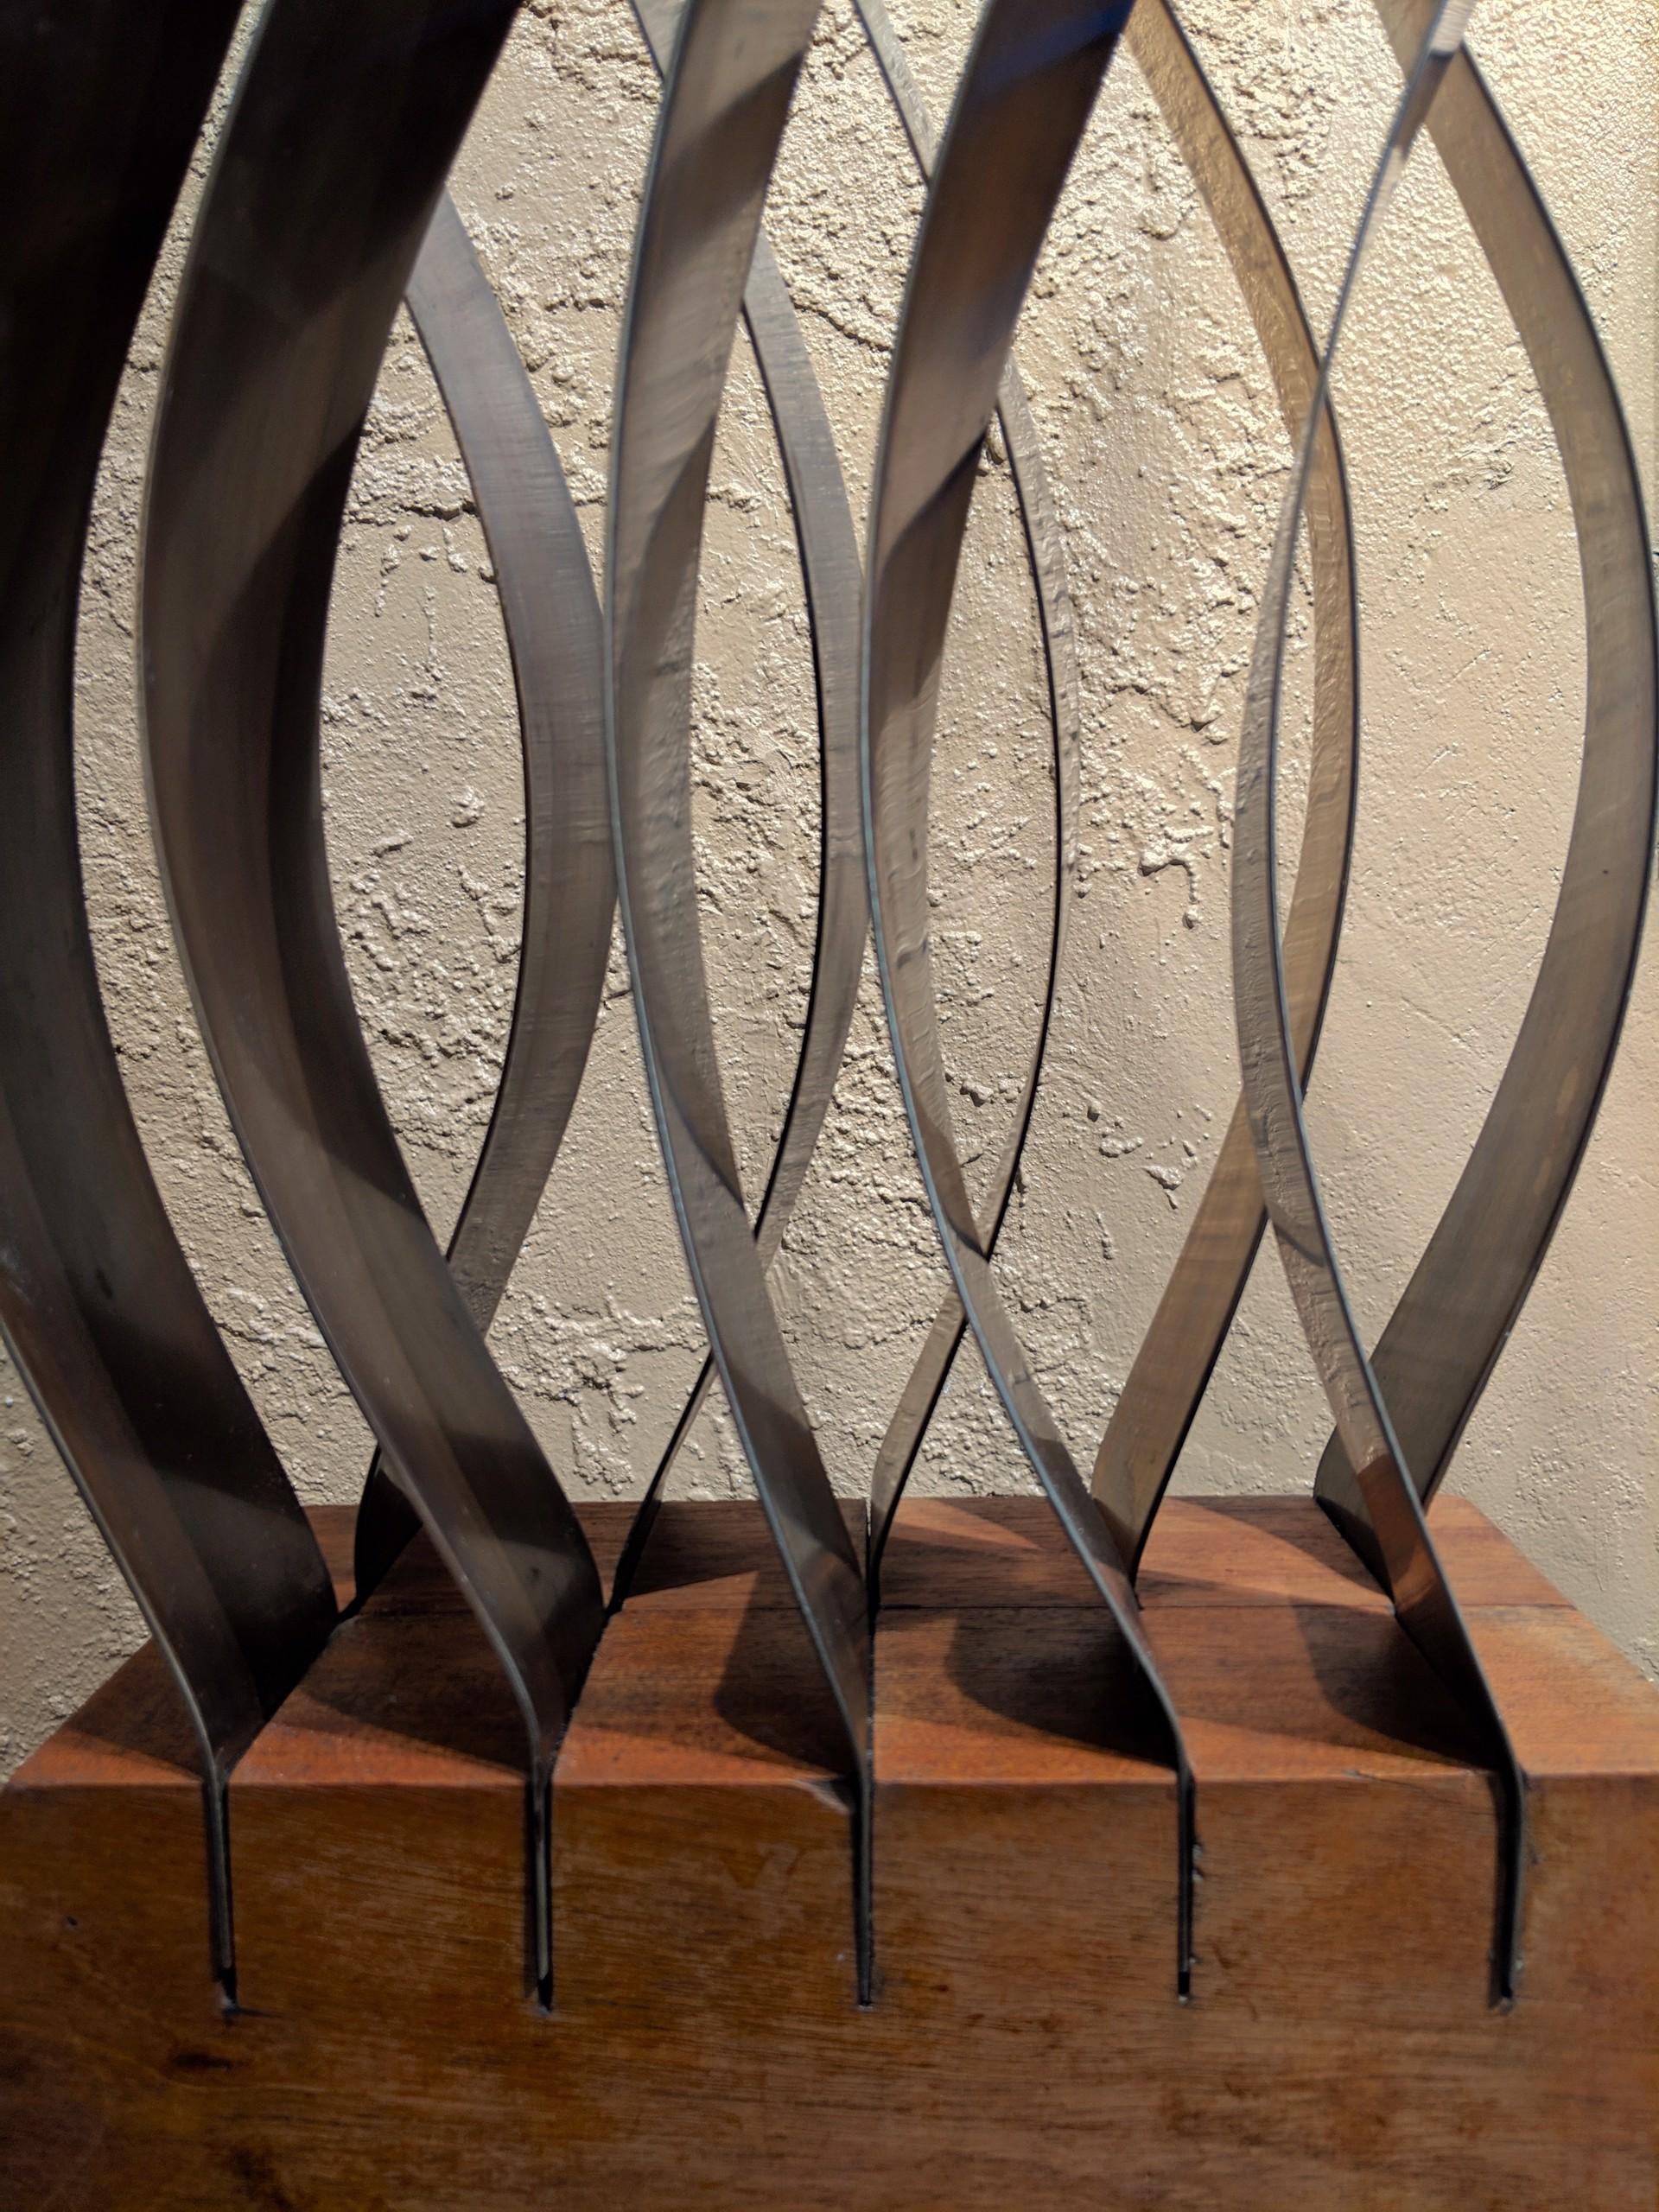 Interference Pattern by Susan Latham